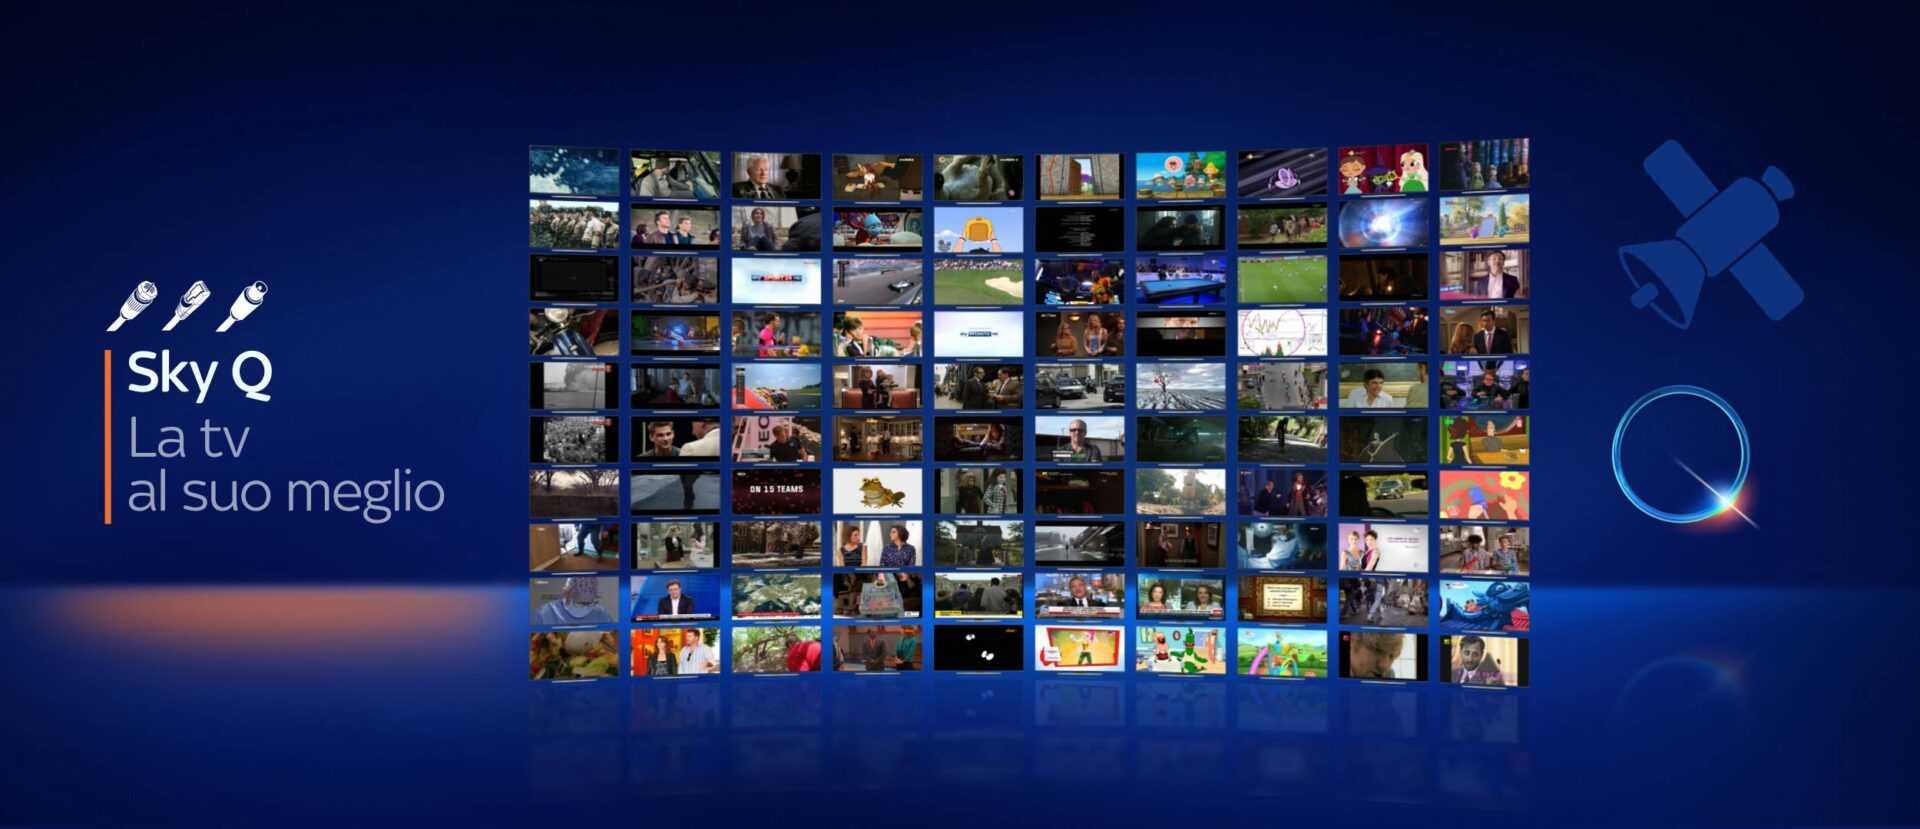 Sky va oltre ogni piattaforma: per la prima volta si potrà accedere a offerte Sky anche sul digitale terrestre e via fibra